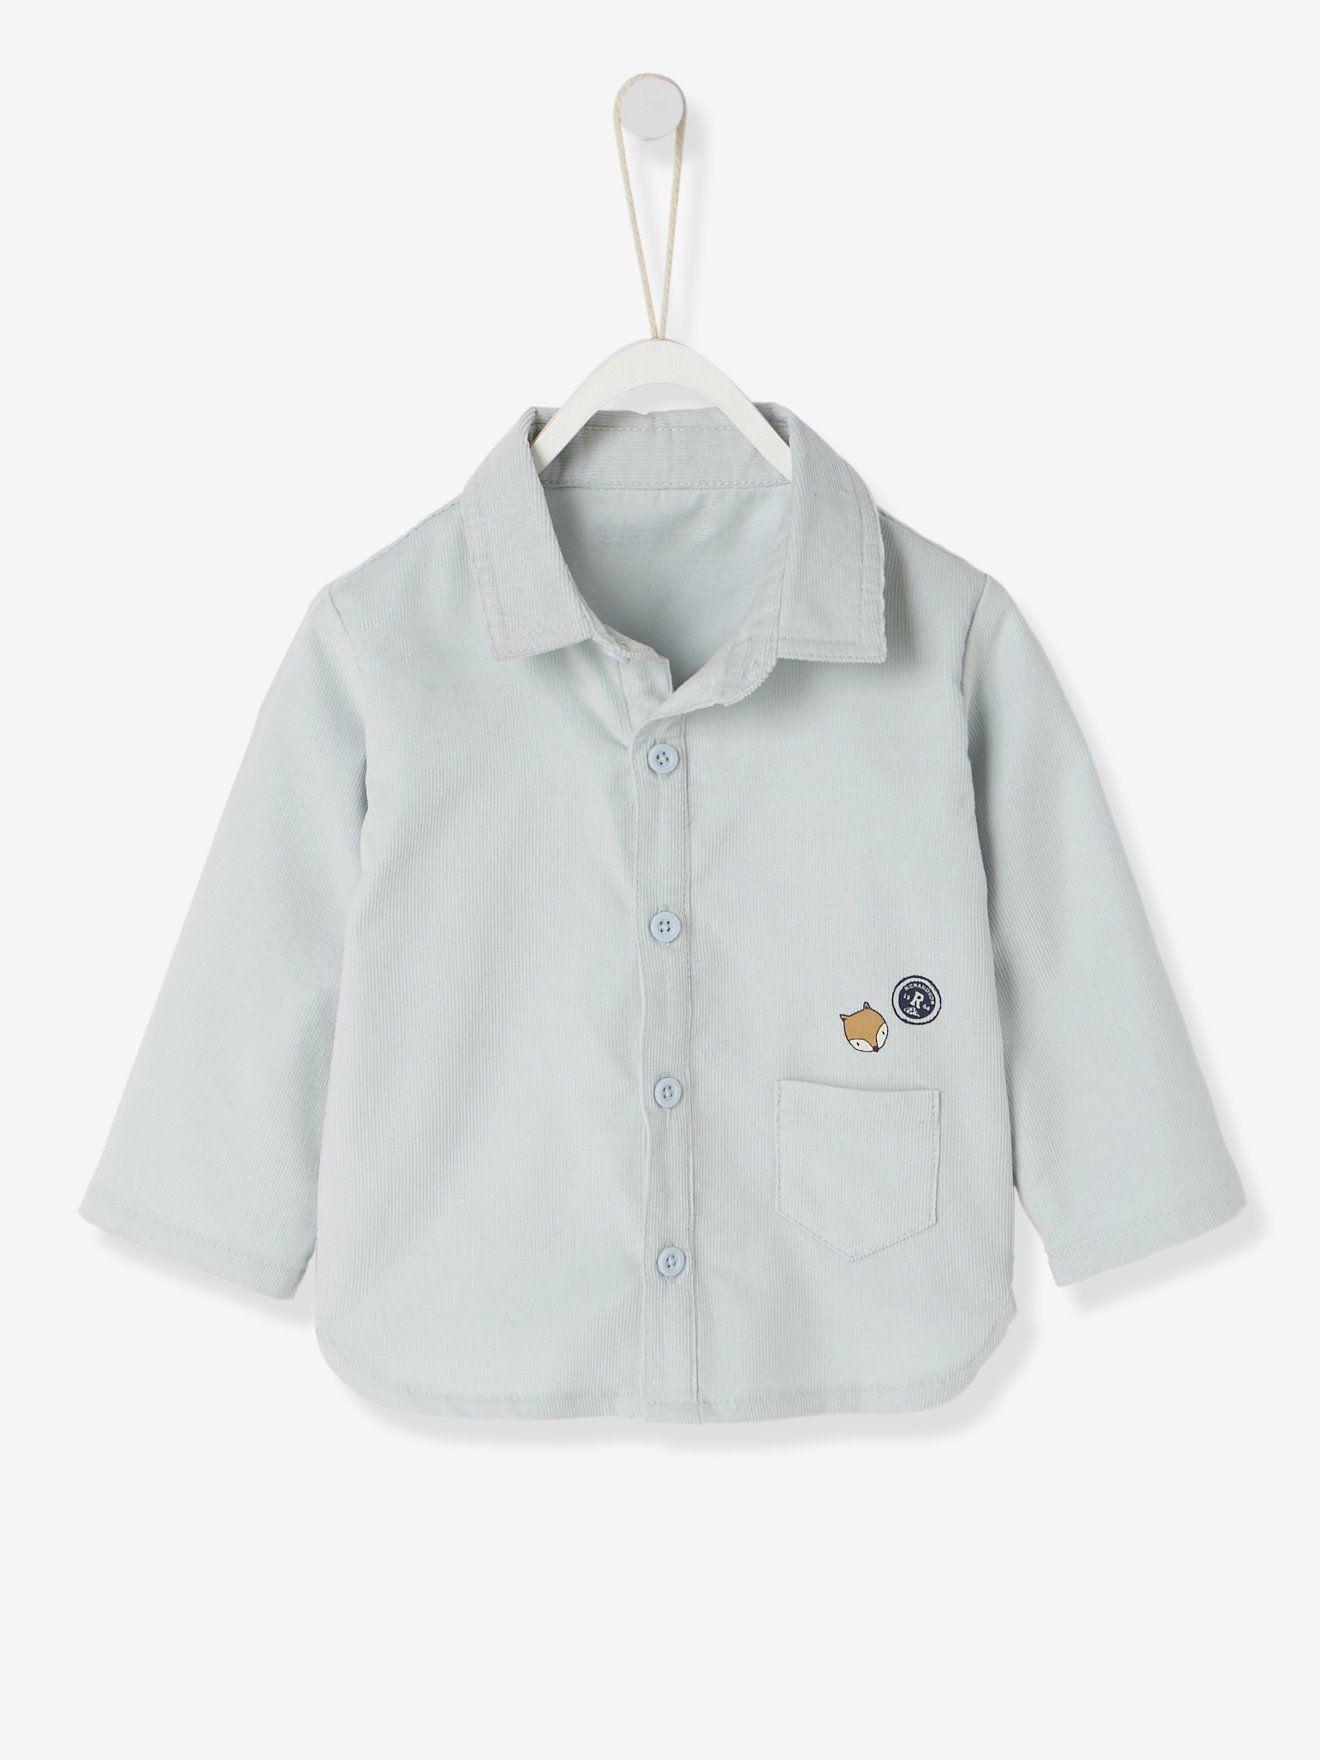 2d956d0e345e4 Chemise bébé garçon en velours milleraies gris clair - Toute la chaleur du  velours pour passer